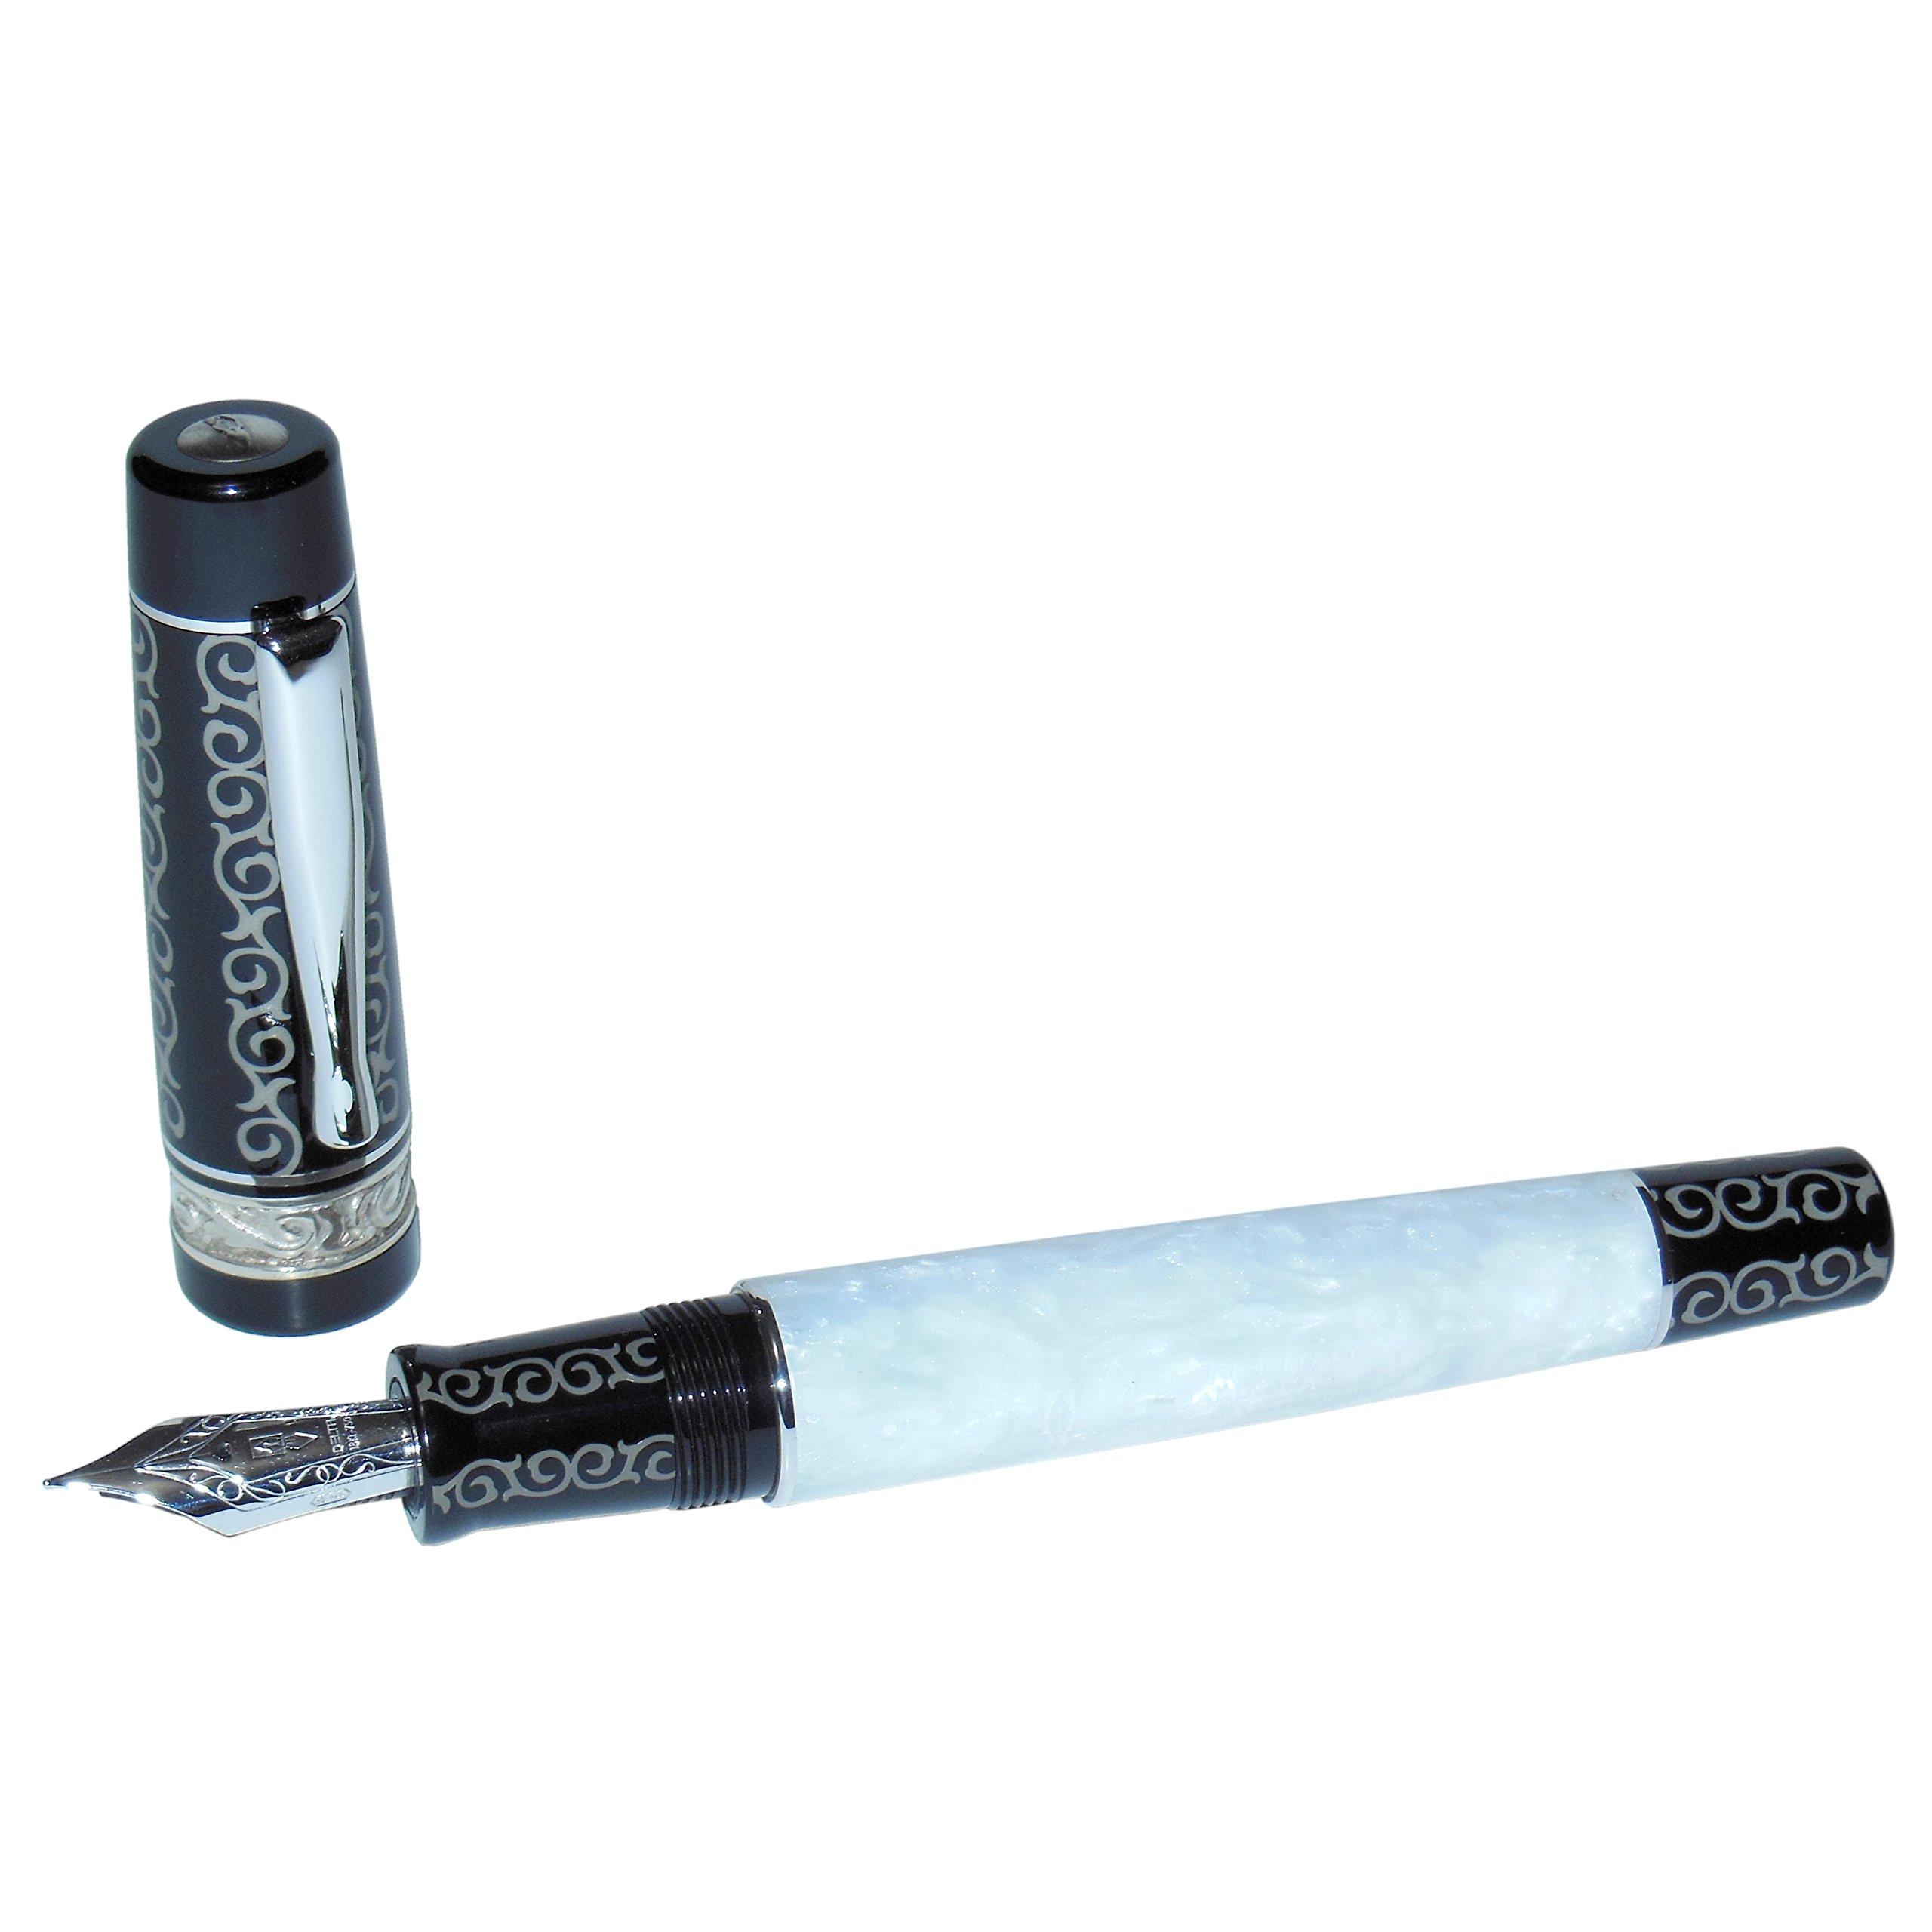 Delta Barocca Fountain Pen, White/Black, Sterling Silver Trim, 18K Gold Fine Nib